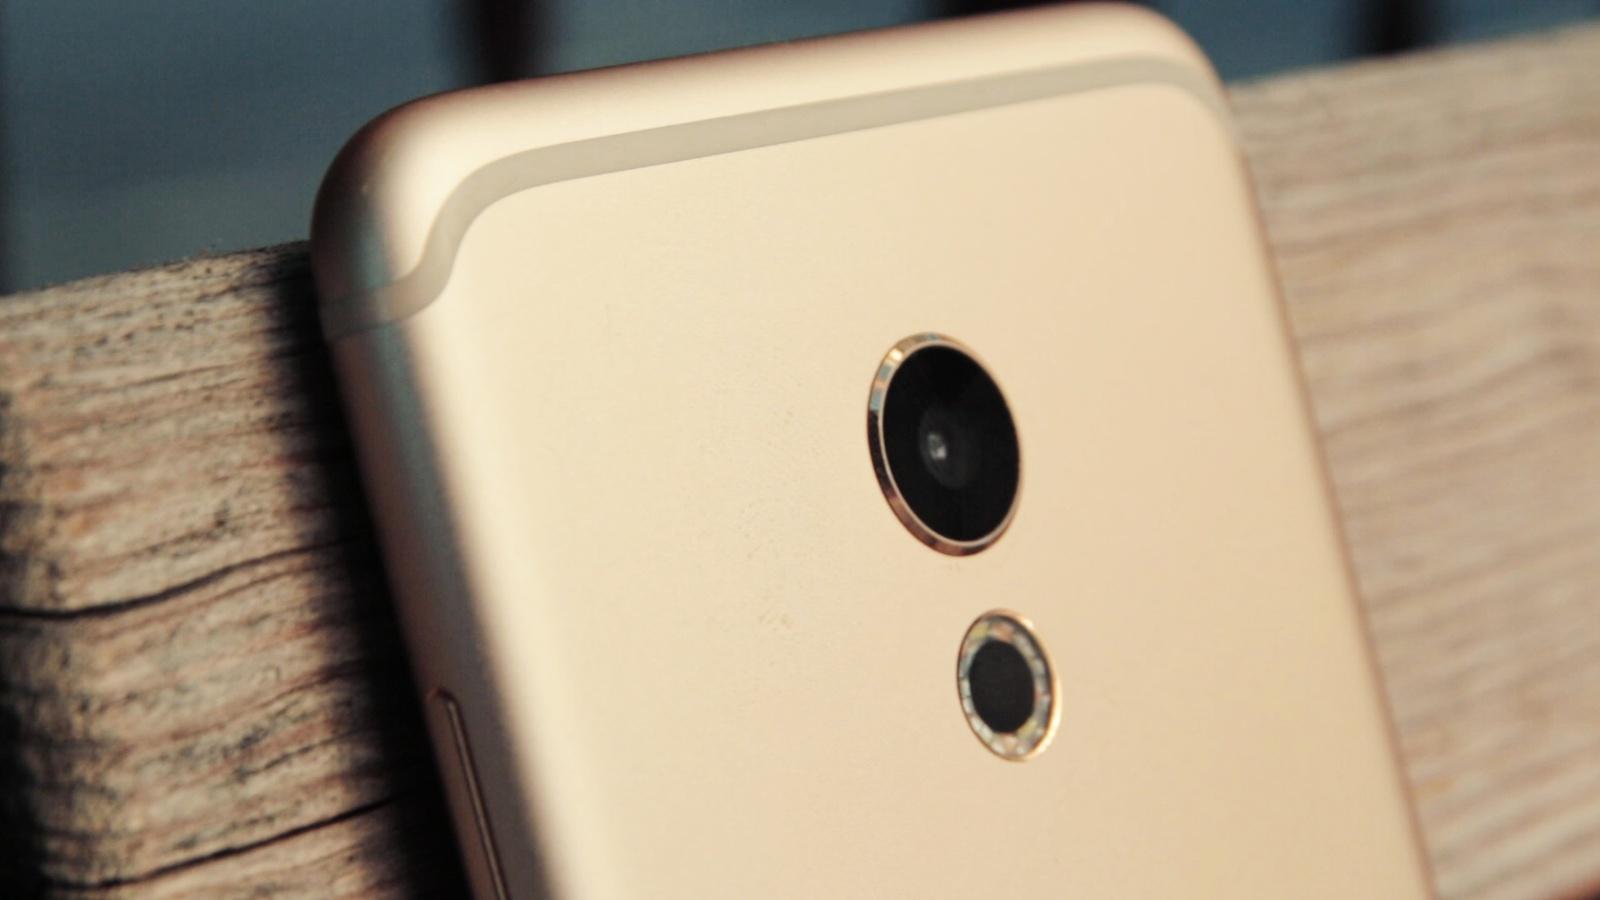 Особенности оригинальных китайских смартфонов Meizu